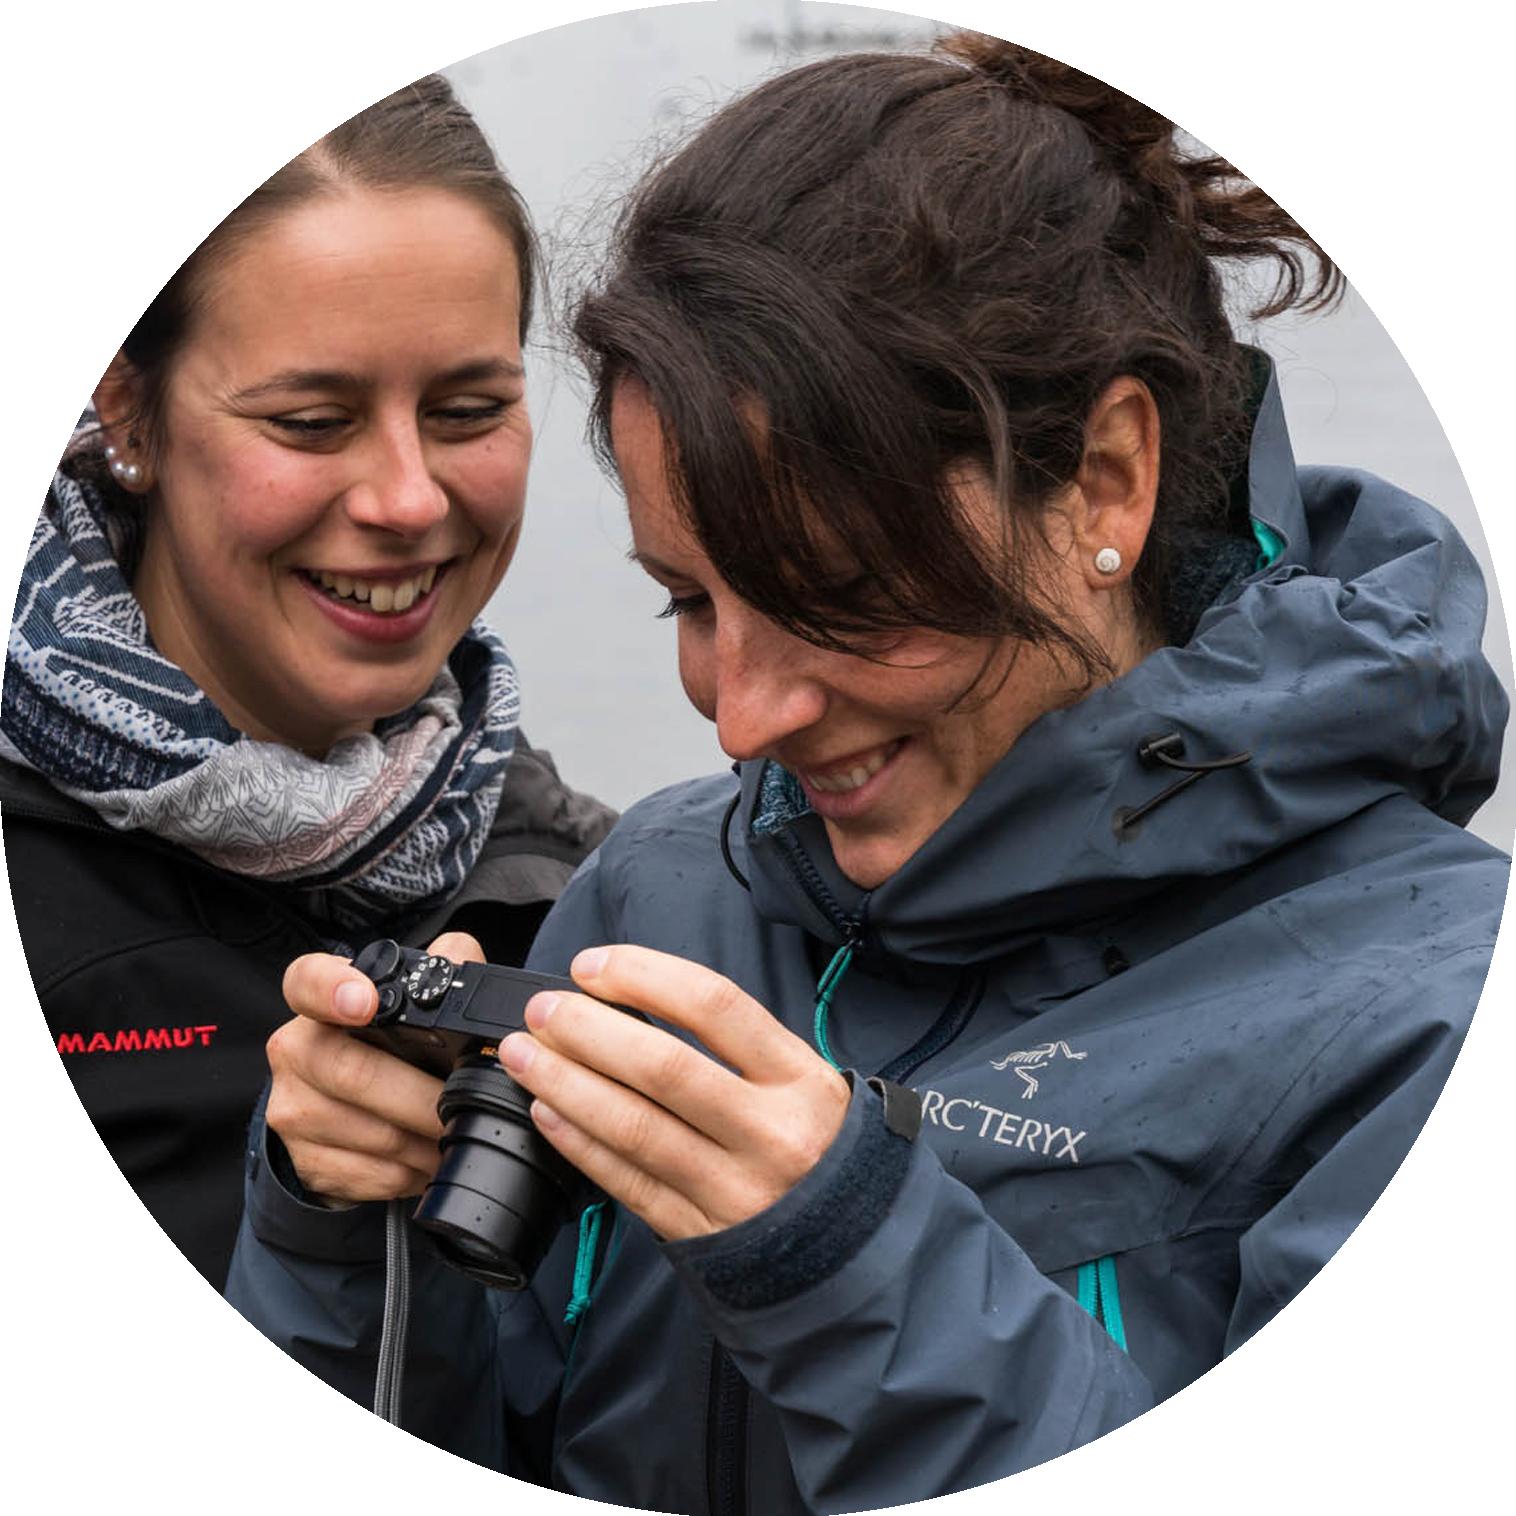 Abenteuer Fotografie - Kundenstimme Jacqueline Schmocker